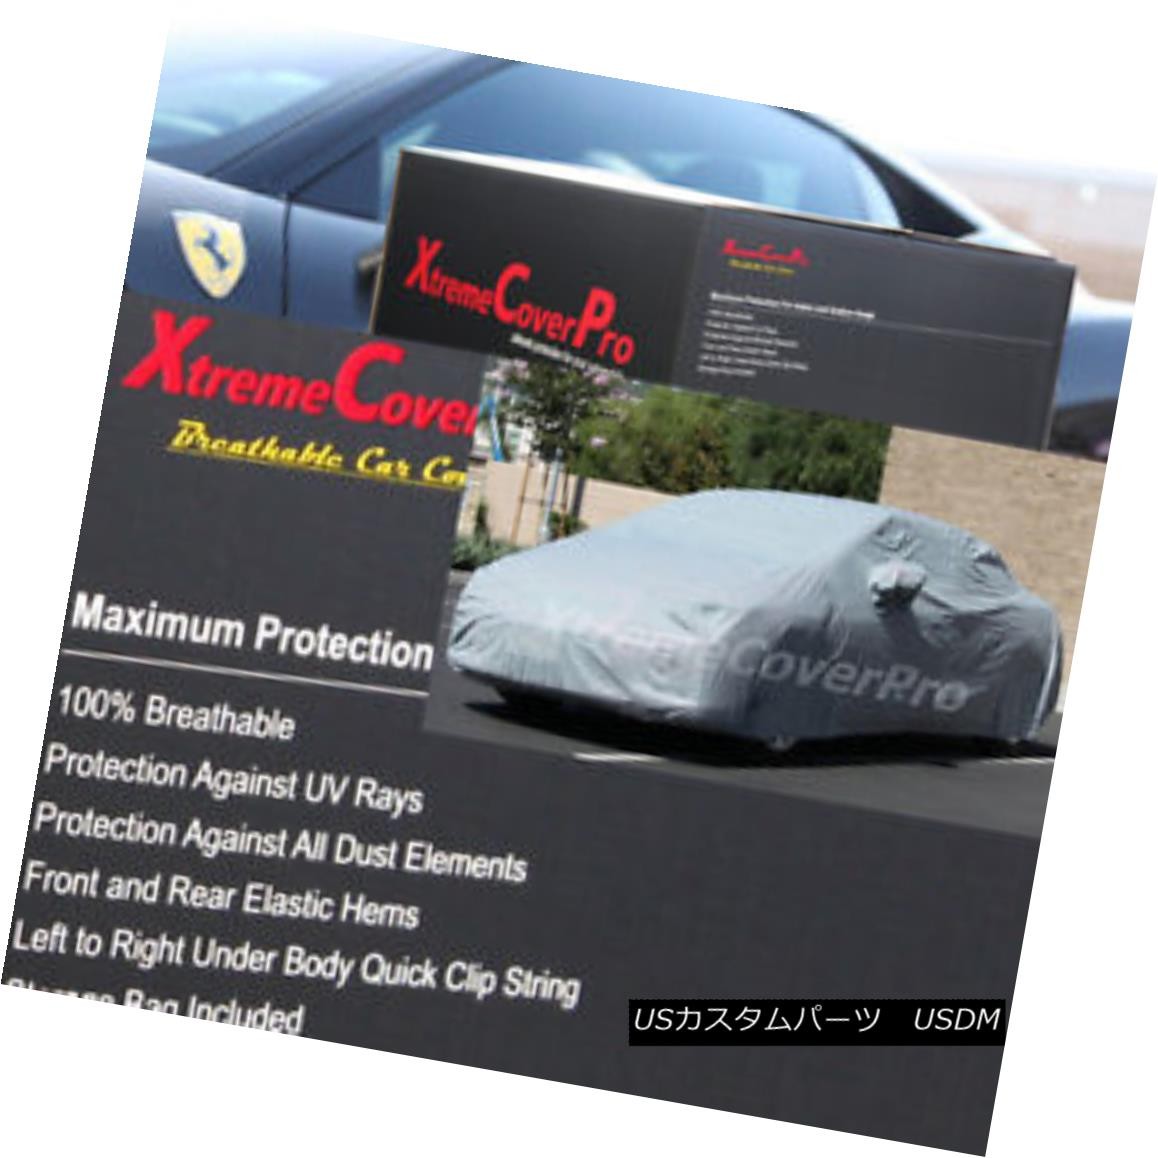 カーカバー 2015 CHEVROLET CRUZE Breathable Car Cover w/Mirror Pockets - Gray 2015 CHEVROLET CRUZE通気性のある車カバー付き/ミラーポケット - グレー